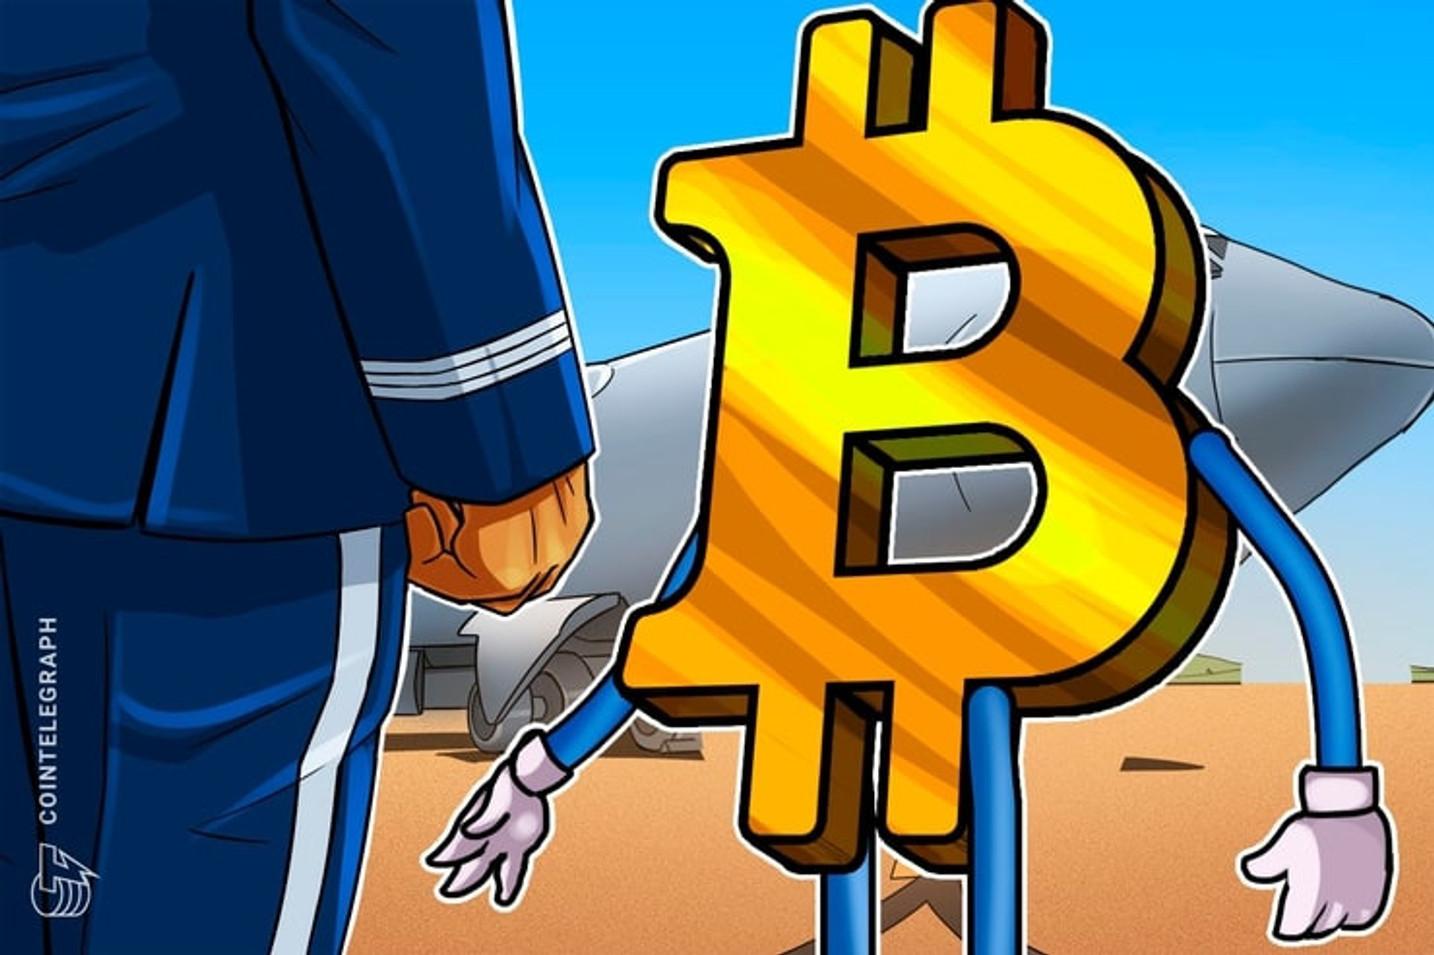 El precio de Bitcoin luego de que EEUU e Irán no vayan a la guerra: una mirada crítica al mercado